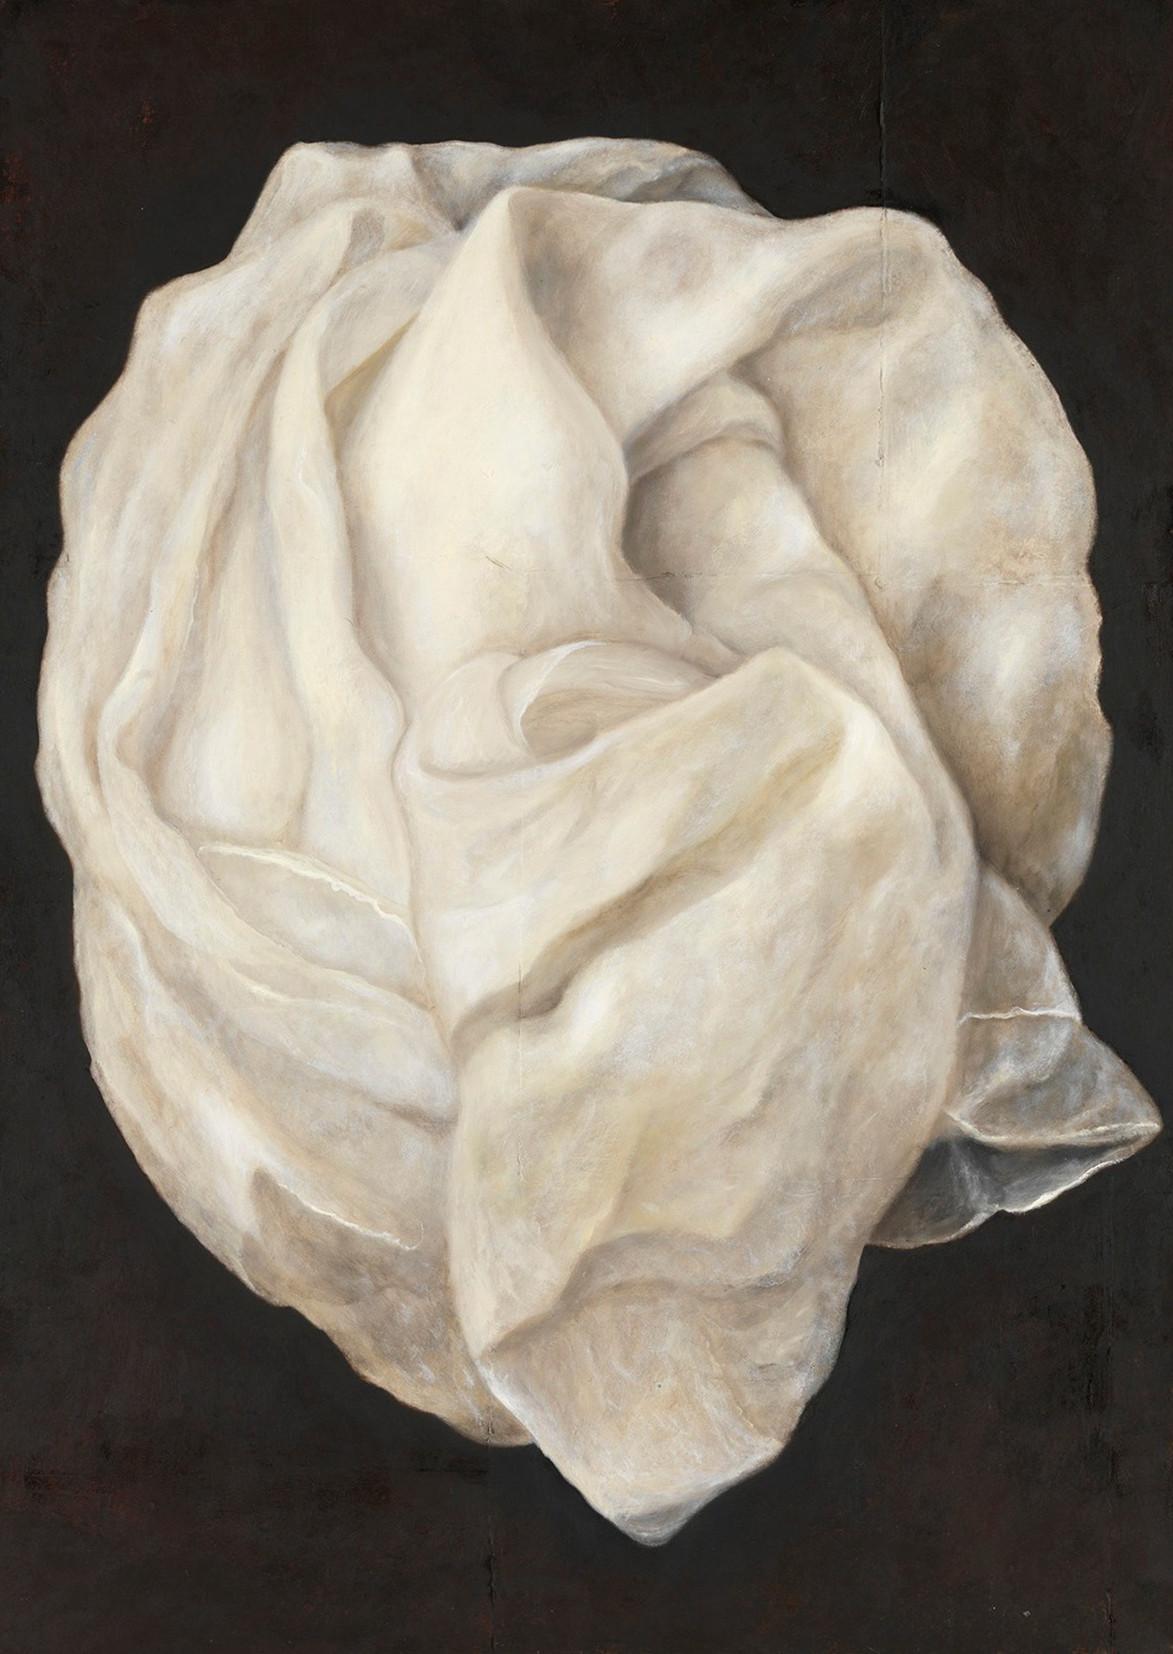 Senza titolo, 2009, olio su carta su tela, cm 140 x 100